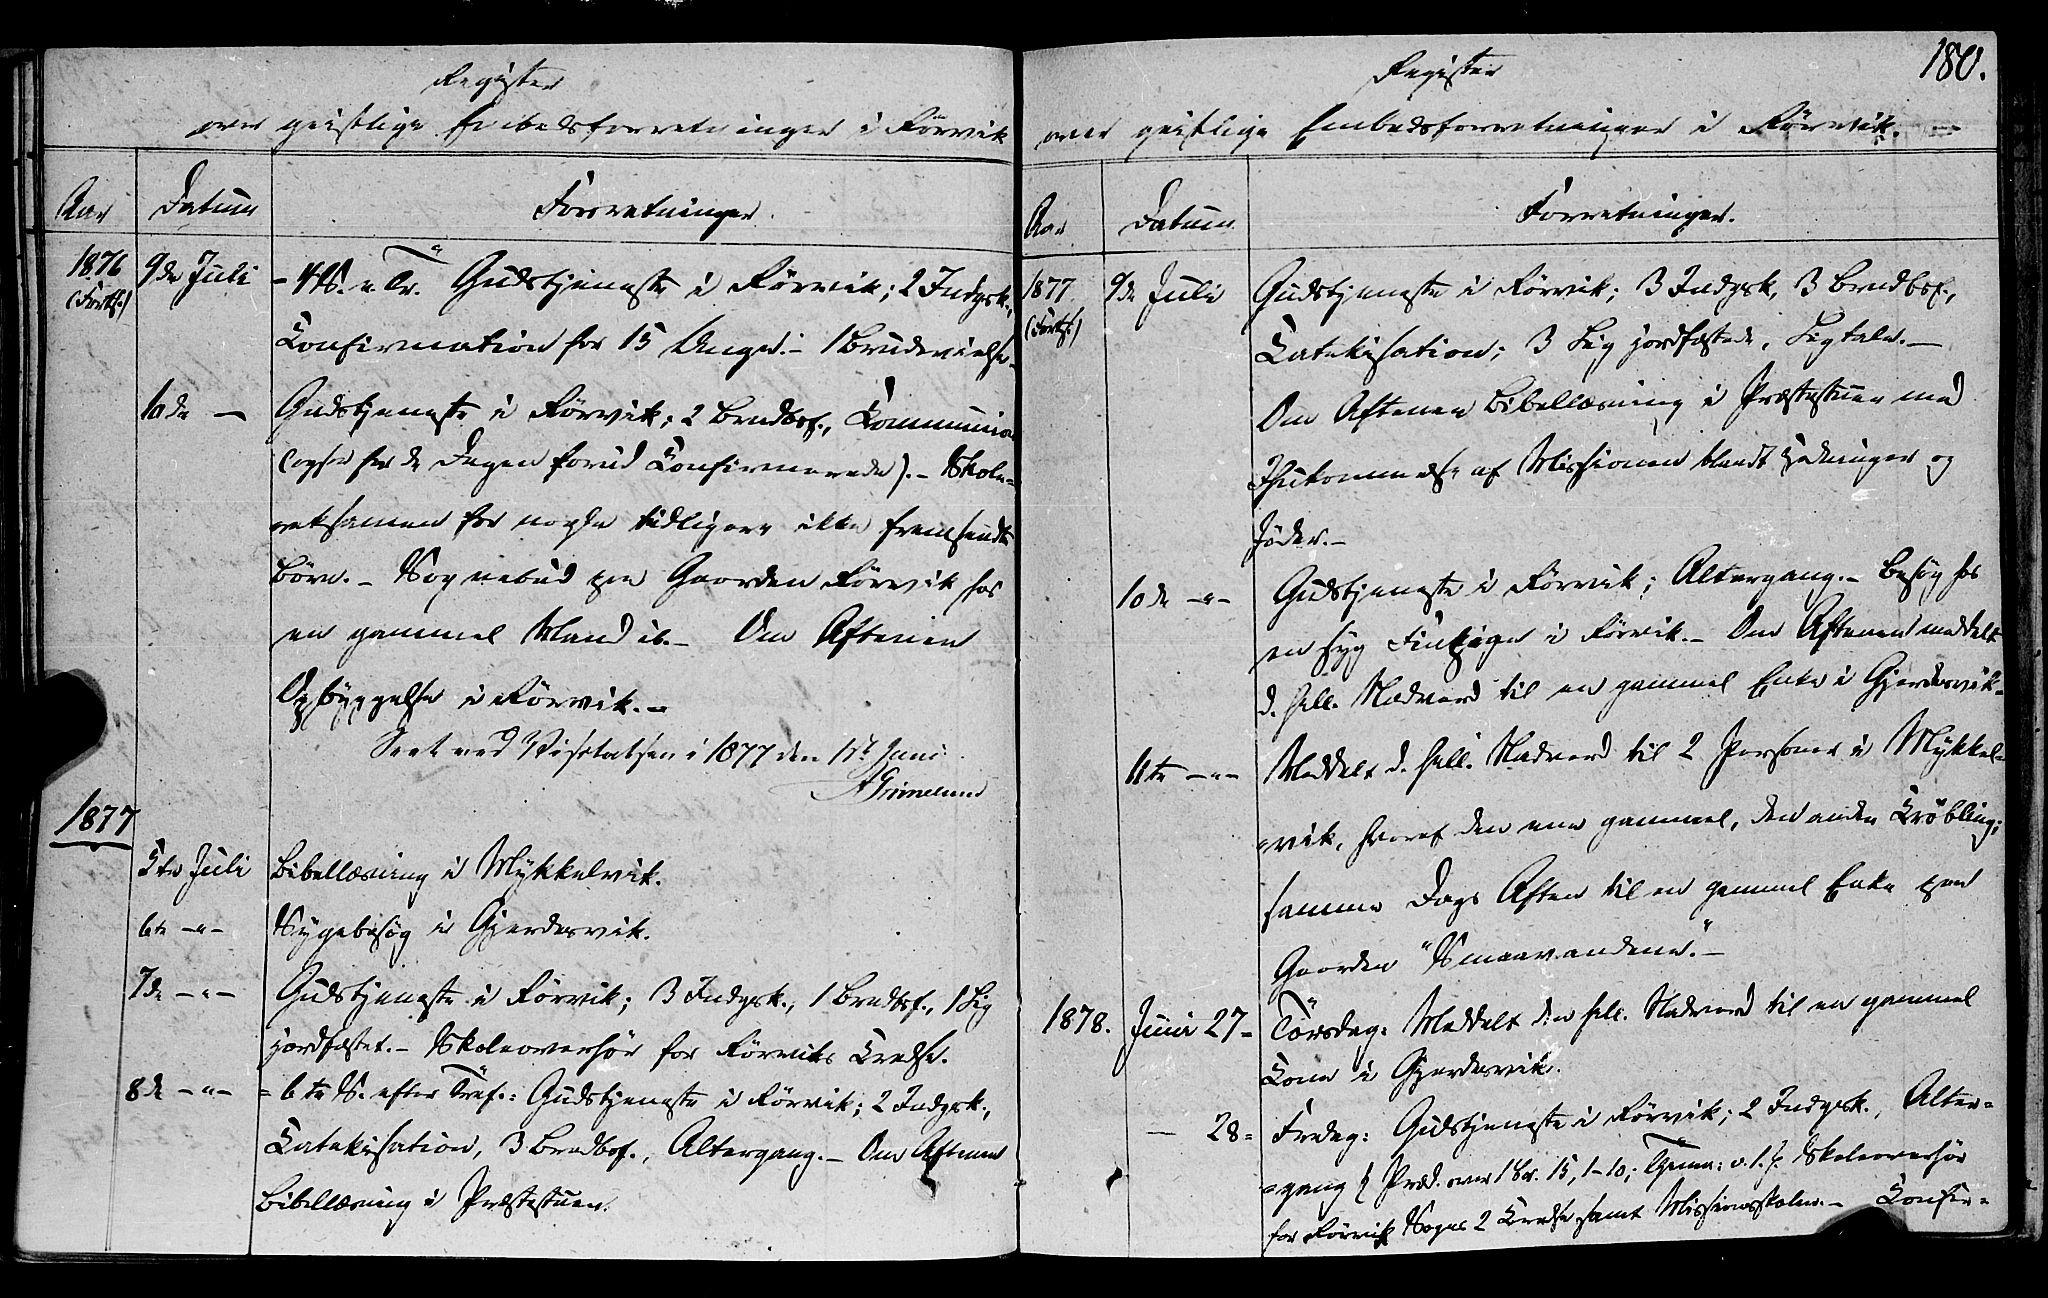 SAT, Ministerialprotokoller, klokkerbøker og fødselsregistre - Nord-Trøndelag, 762/L0538: Ministerialbok nr. 762A02 /1, 1833-1879, s. 180